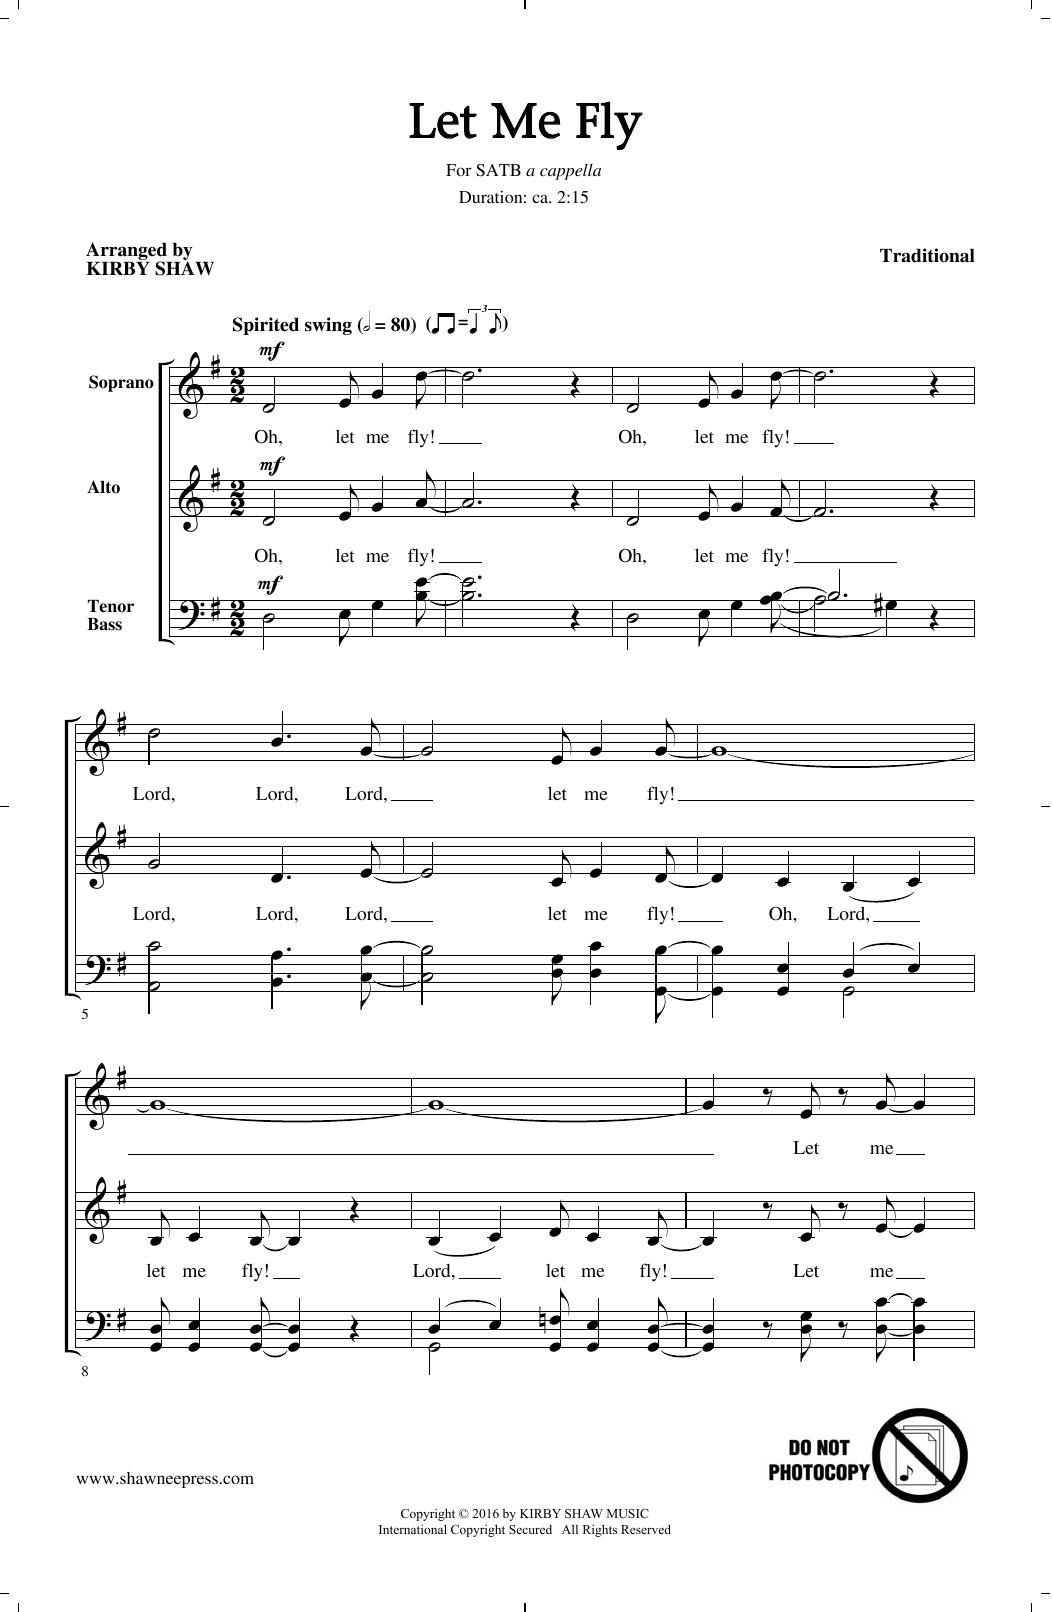 Let Me Fly (arr. Kirby Shaw) (SATB Choir)